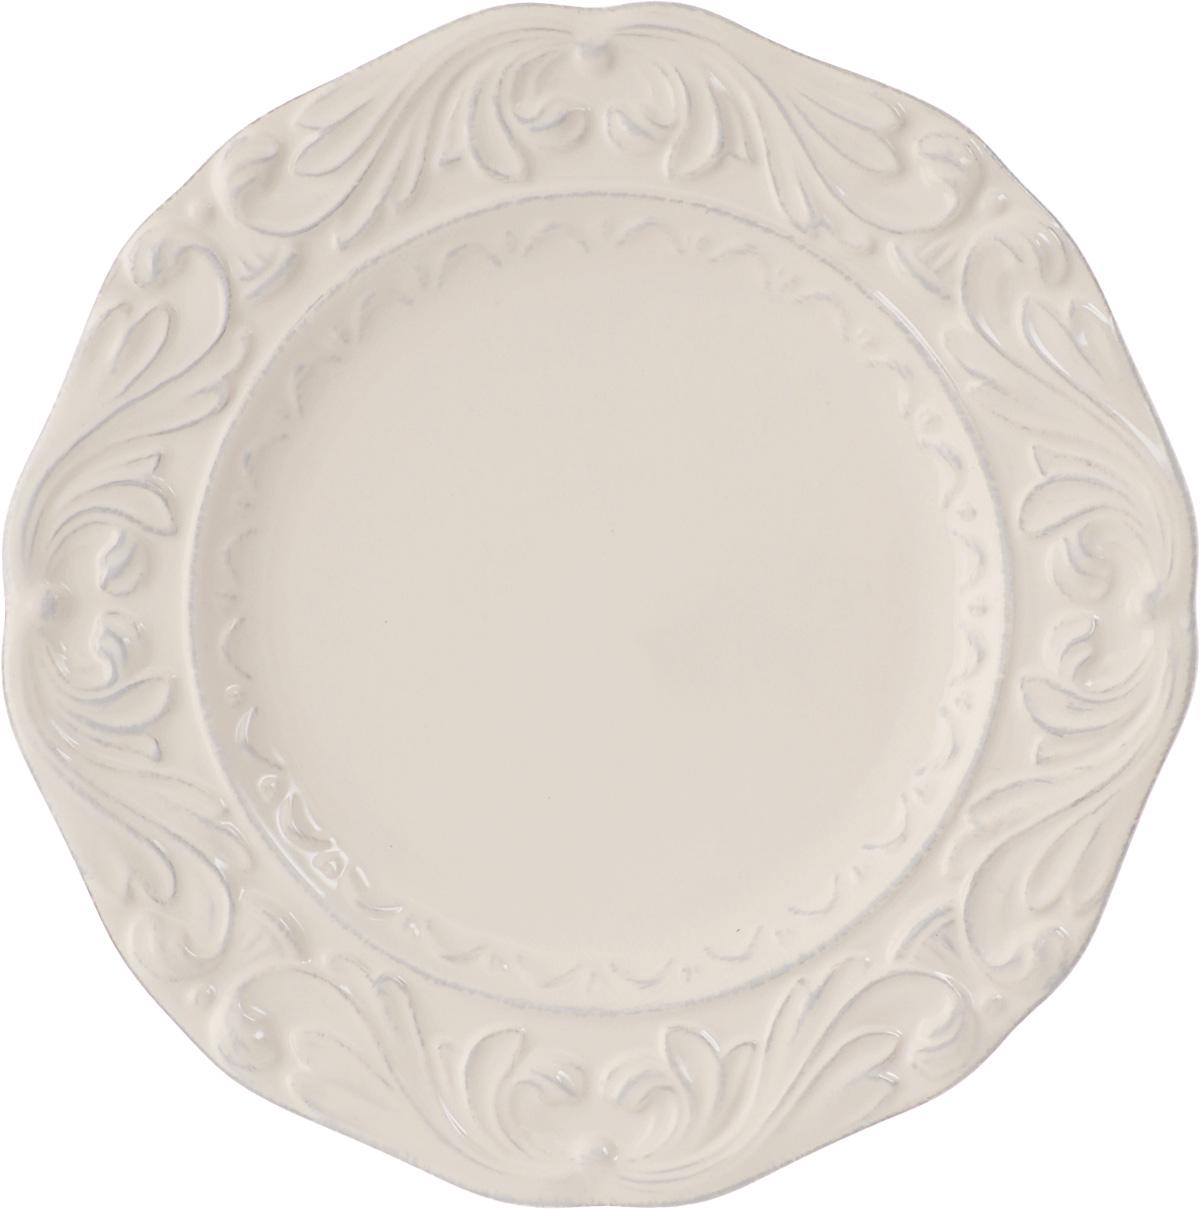 Тарелка десертная Certified International Флоренция, диаметр 24 см115610Десертная тарелка Certified International Флоренция, изготовленная из высококачественной керамики, декорирована изящным рельефным рисунком. Она подойдет как для торжественных случаев, так и для повседневного использования. Тарелка Certified International Флоренция идеальна для подачи десертов, пирожных, тортов и многого другого. Она прекрасно оформит стол и станет отличным дополнением к вашей коллекции кухонной посуды. Можно мыть в посудомоечной машине и использовать в микроволновой печи.Диаметр тарелки: 24 см.